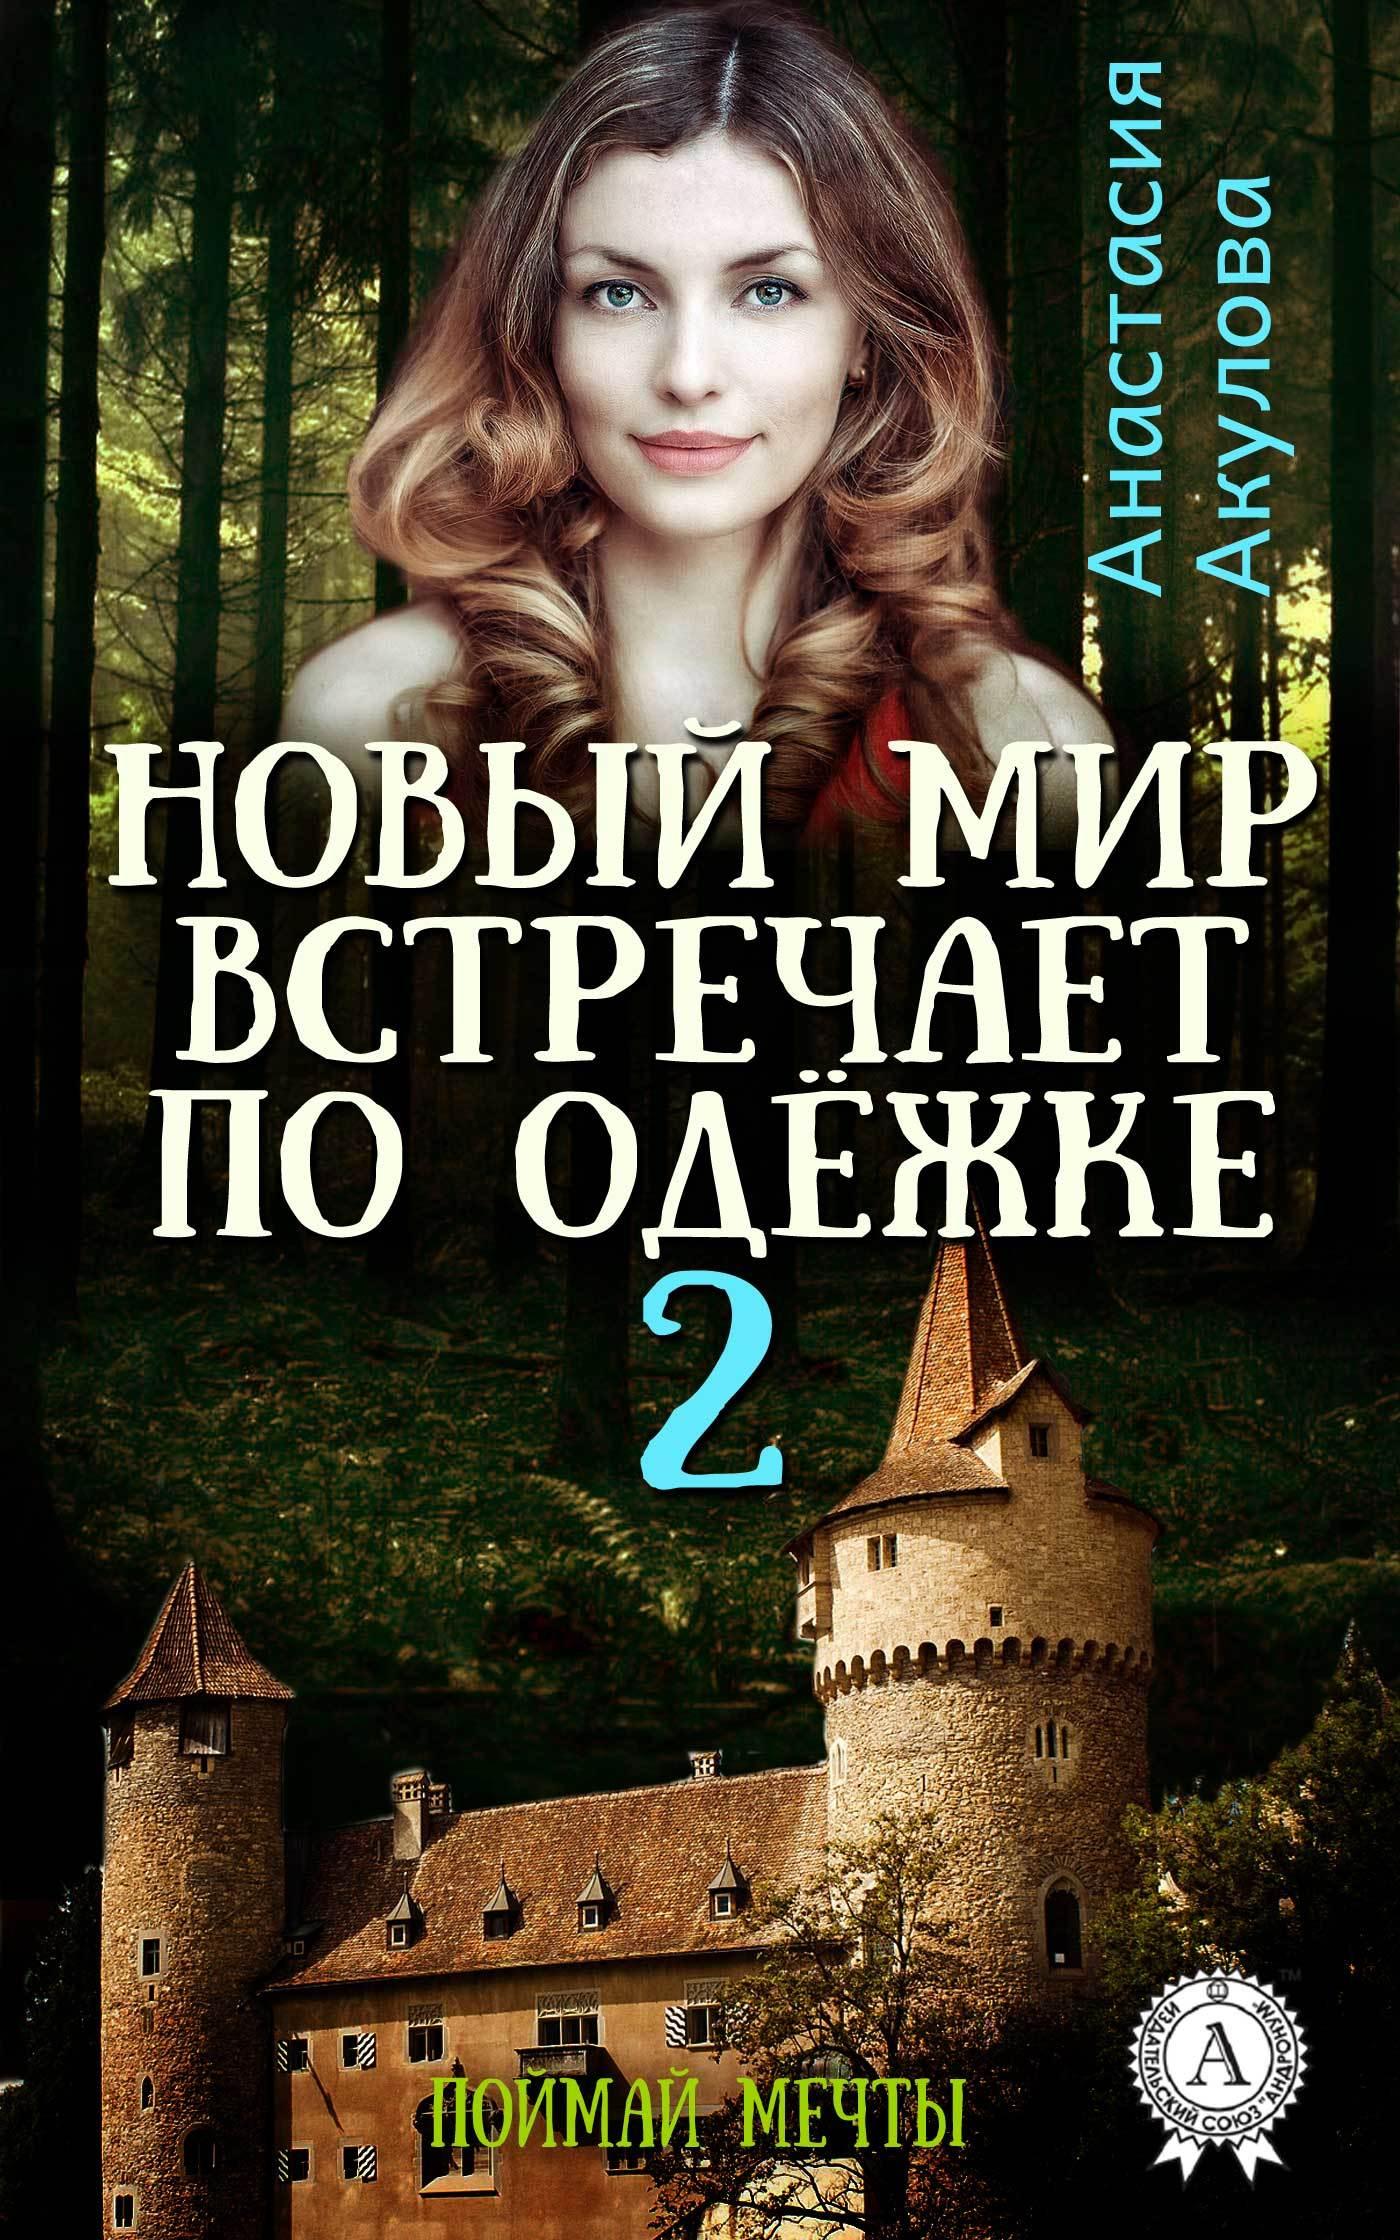 Анастасия Акулова Новый мир встречает по одёжке – 2. Поймай мечты анастасия акулова новый мир встречает по одёжке